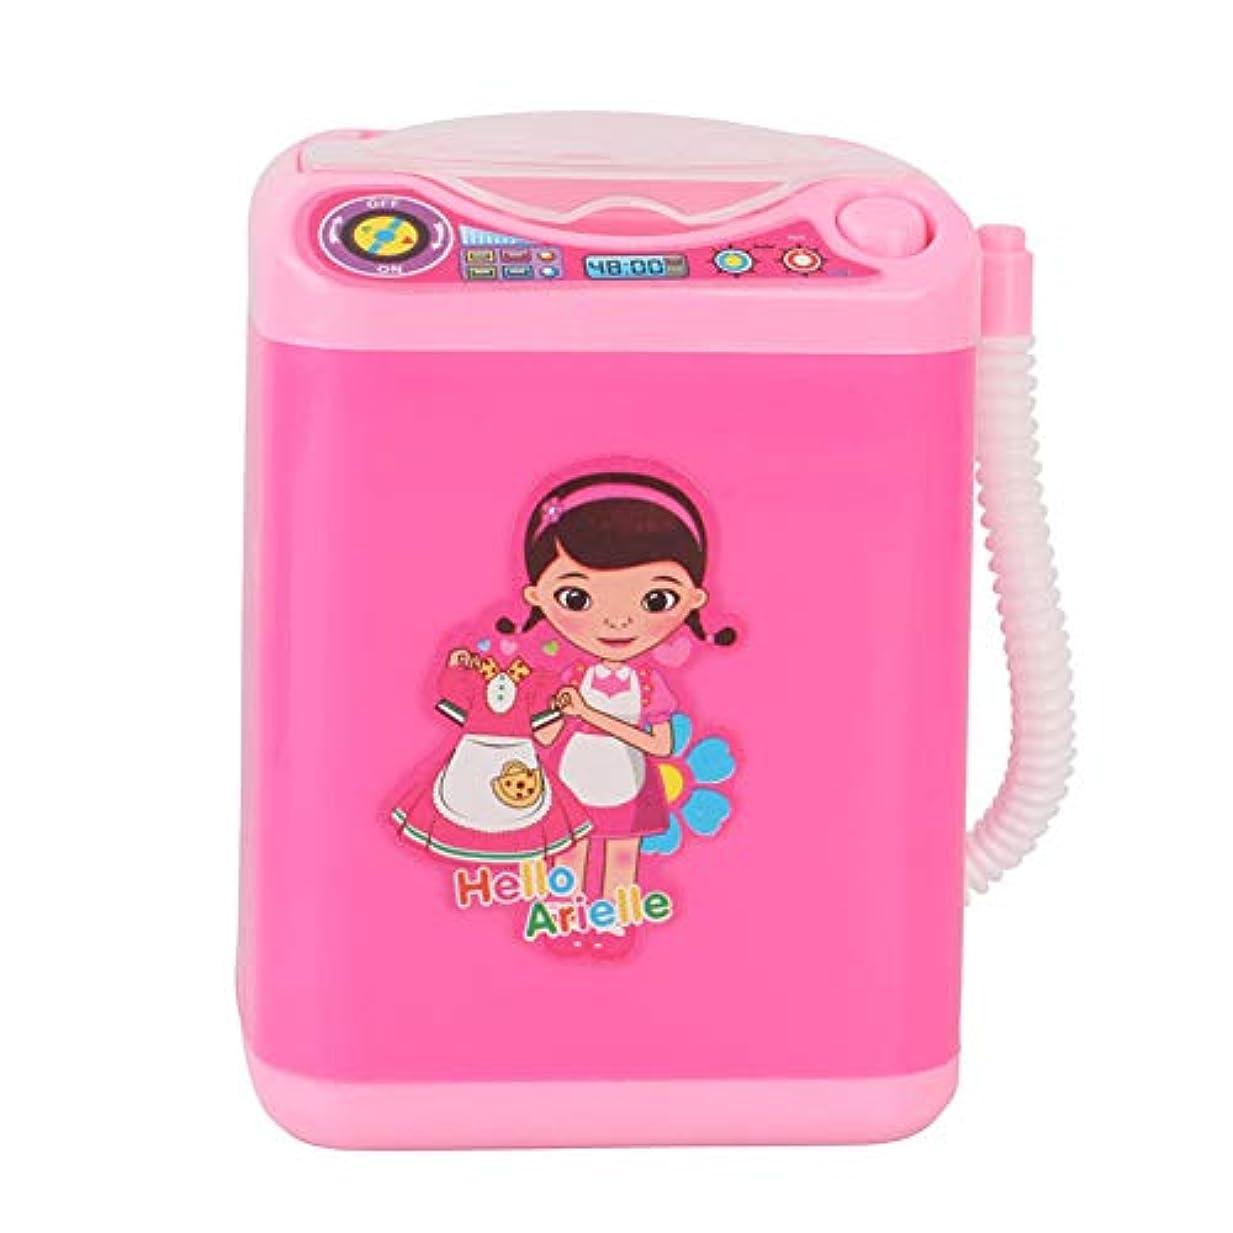 ブランチ漏斗有彩色のArvolno 電動メイクブラシクリーナー 化粧ブラシ洗浄器 スポンジ パフ 自動洗浄 電池式 ミニ洗濯機 携帯便利 旅行 DIY 可愛い ピンク 人気 子供のおもちゃとしても大歓迎